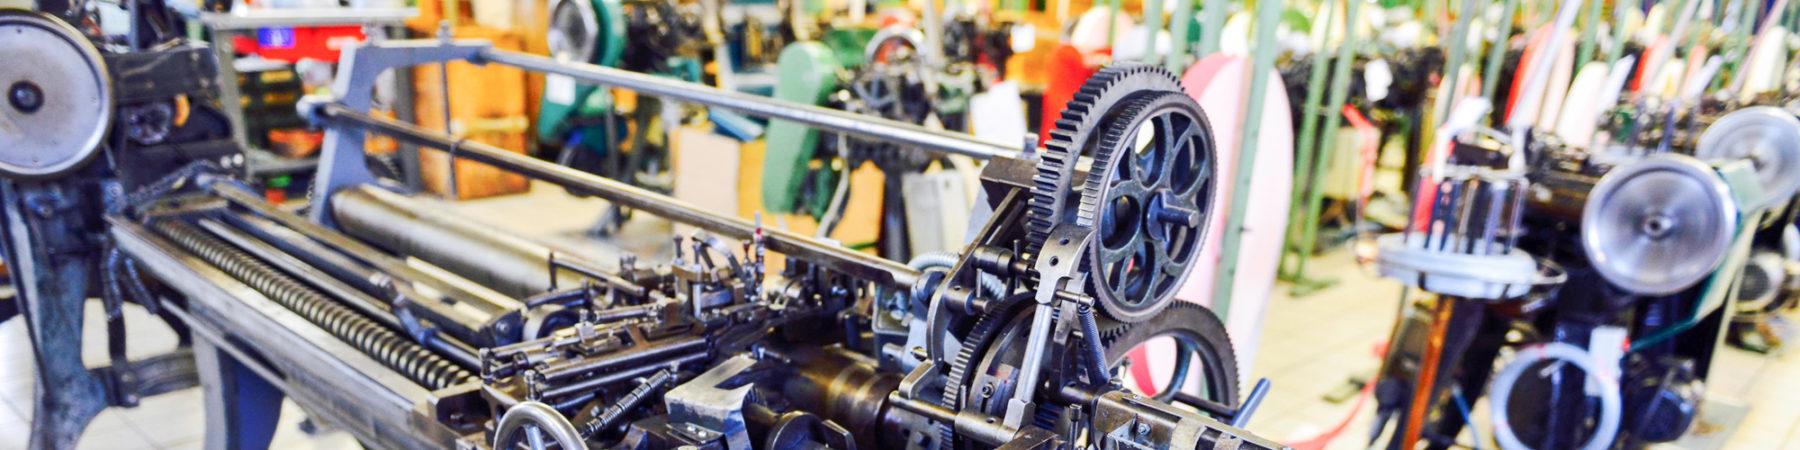 Factory-Floor-2